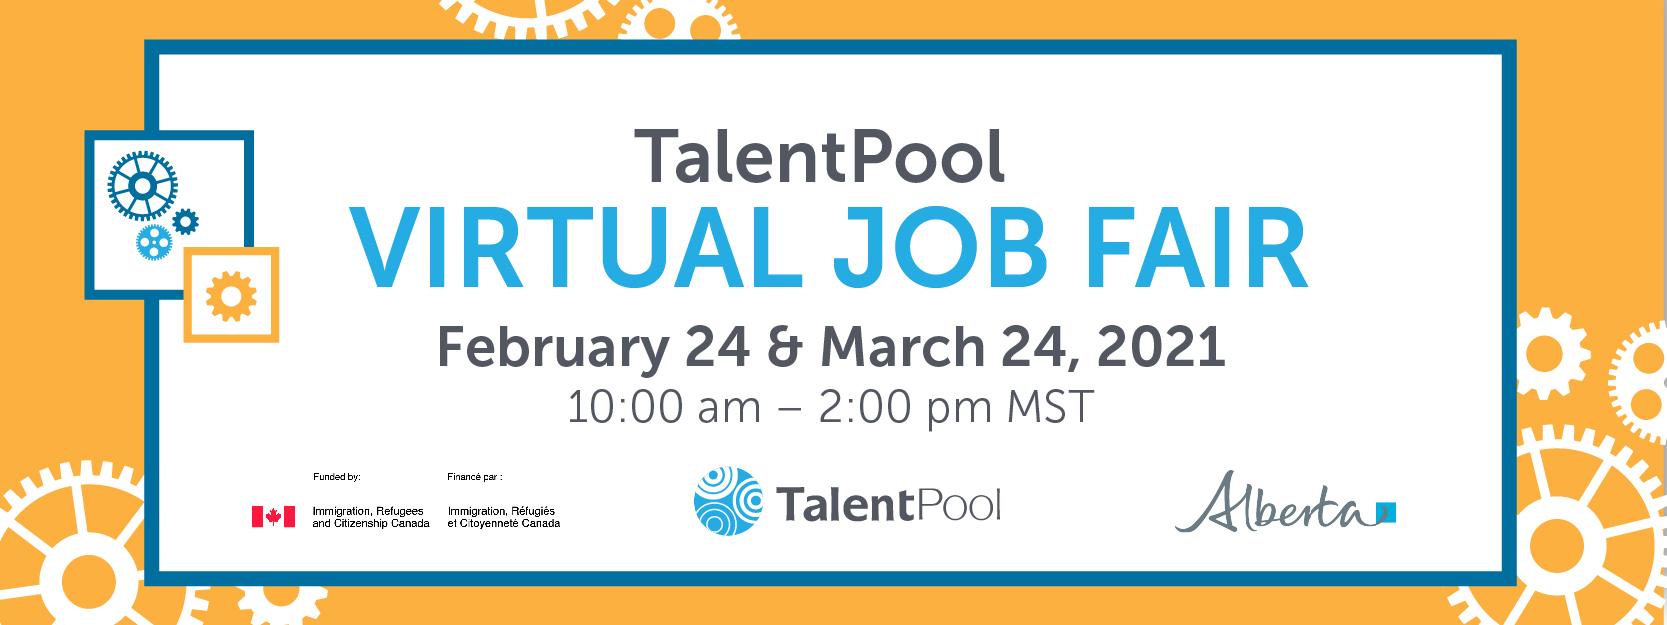 Talent Pool Job Fair